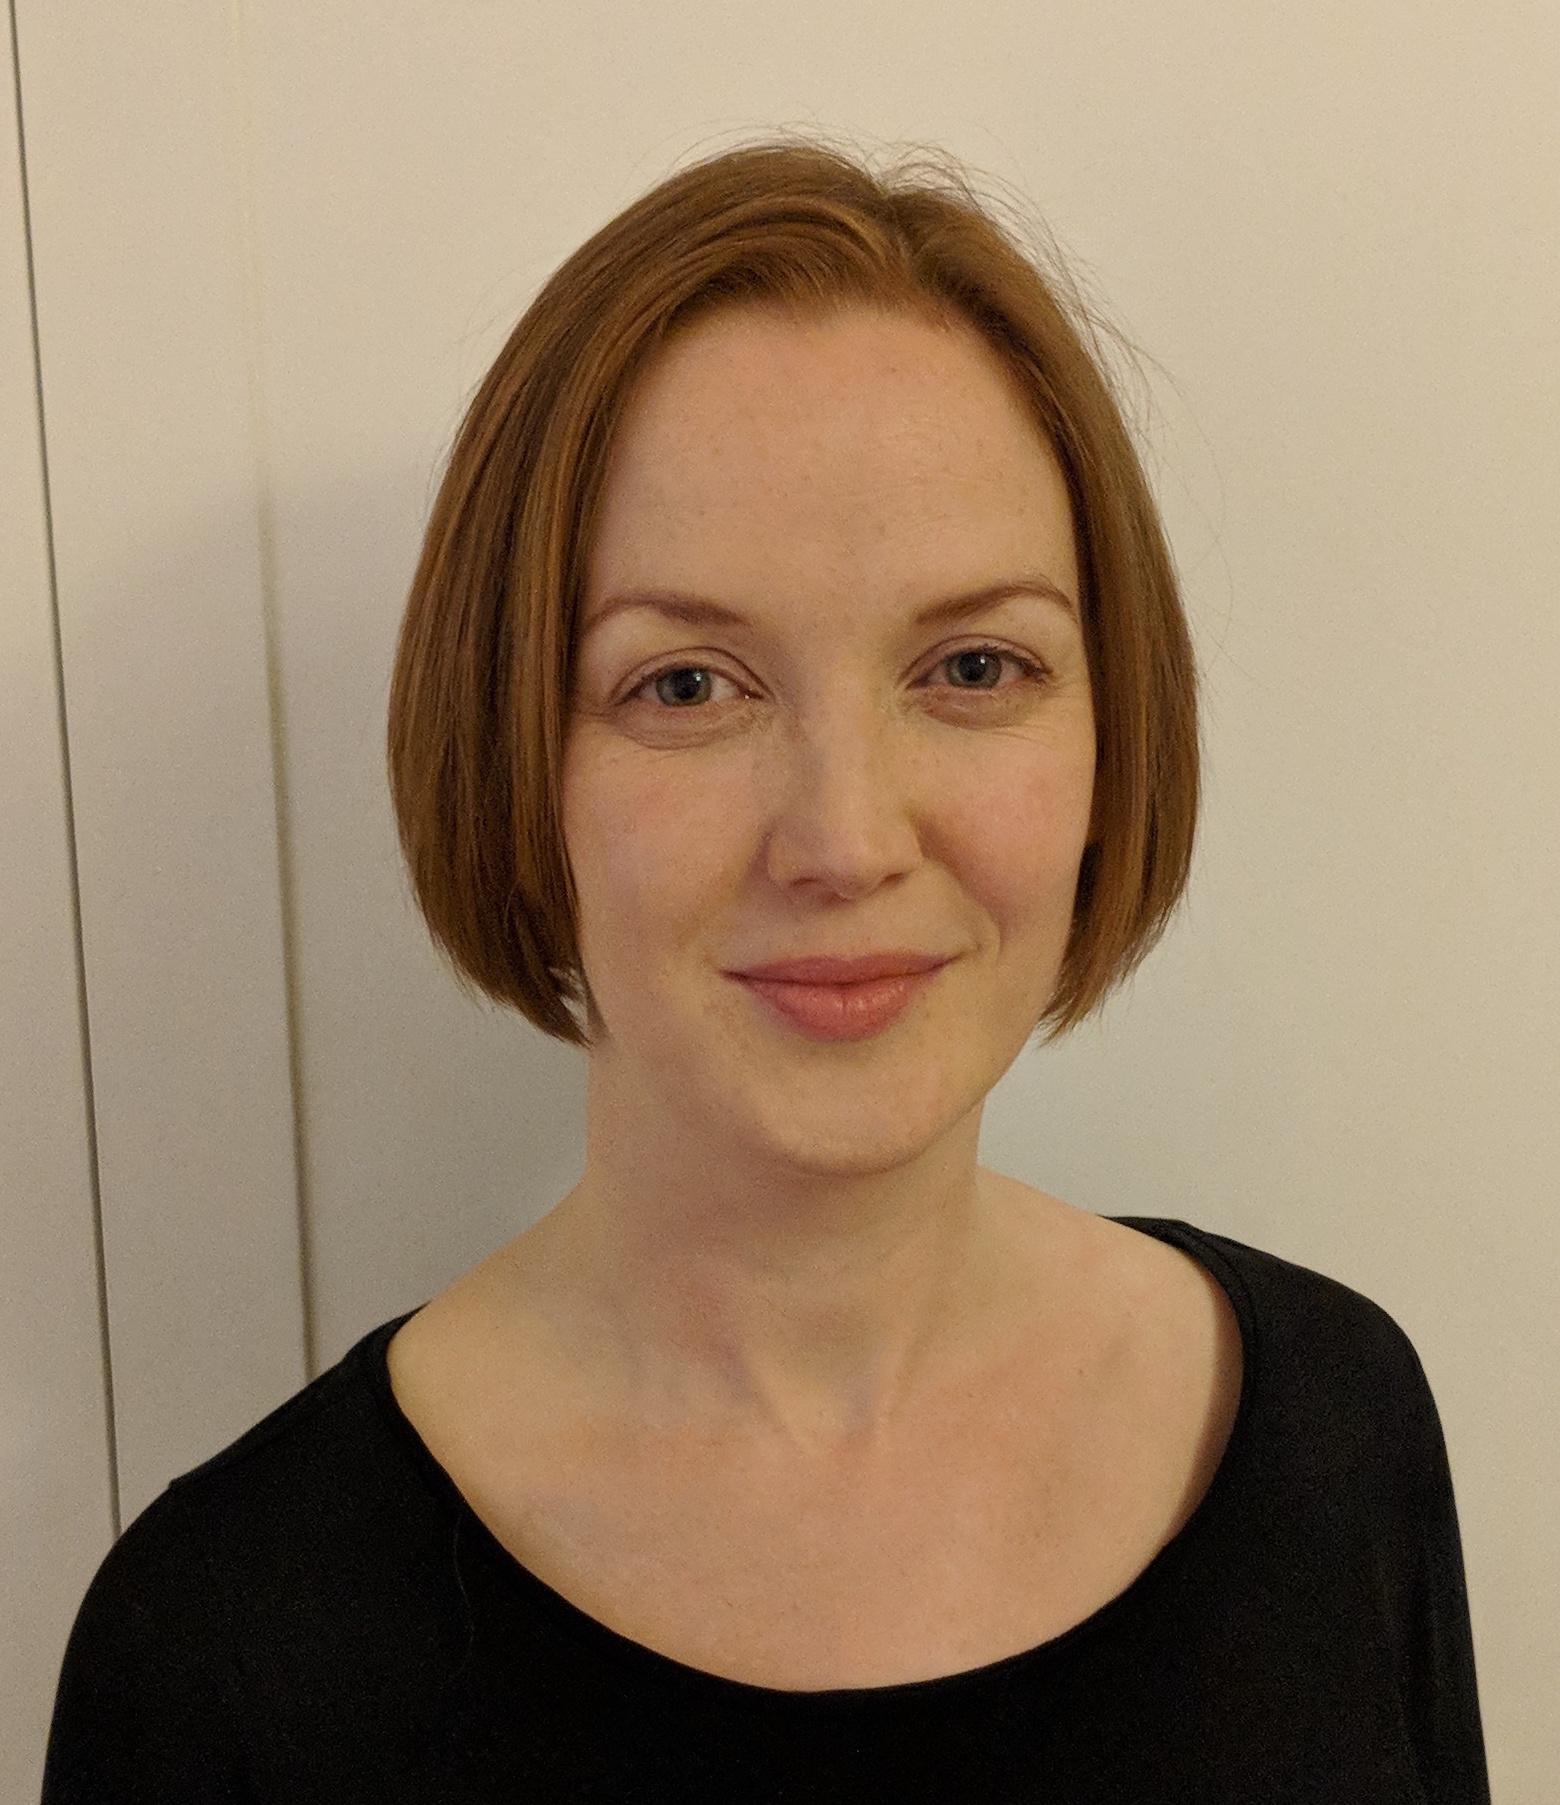 Jennifer Logue